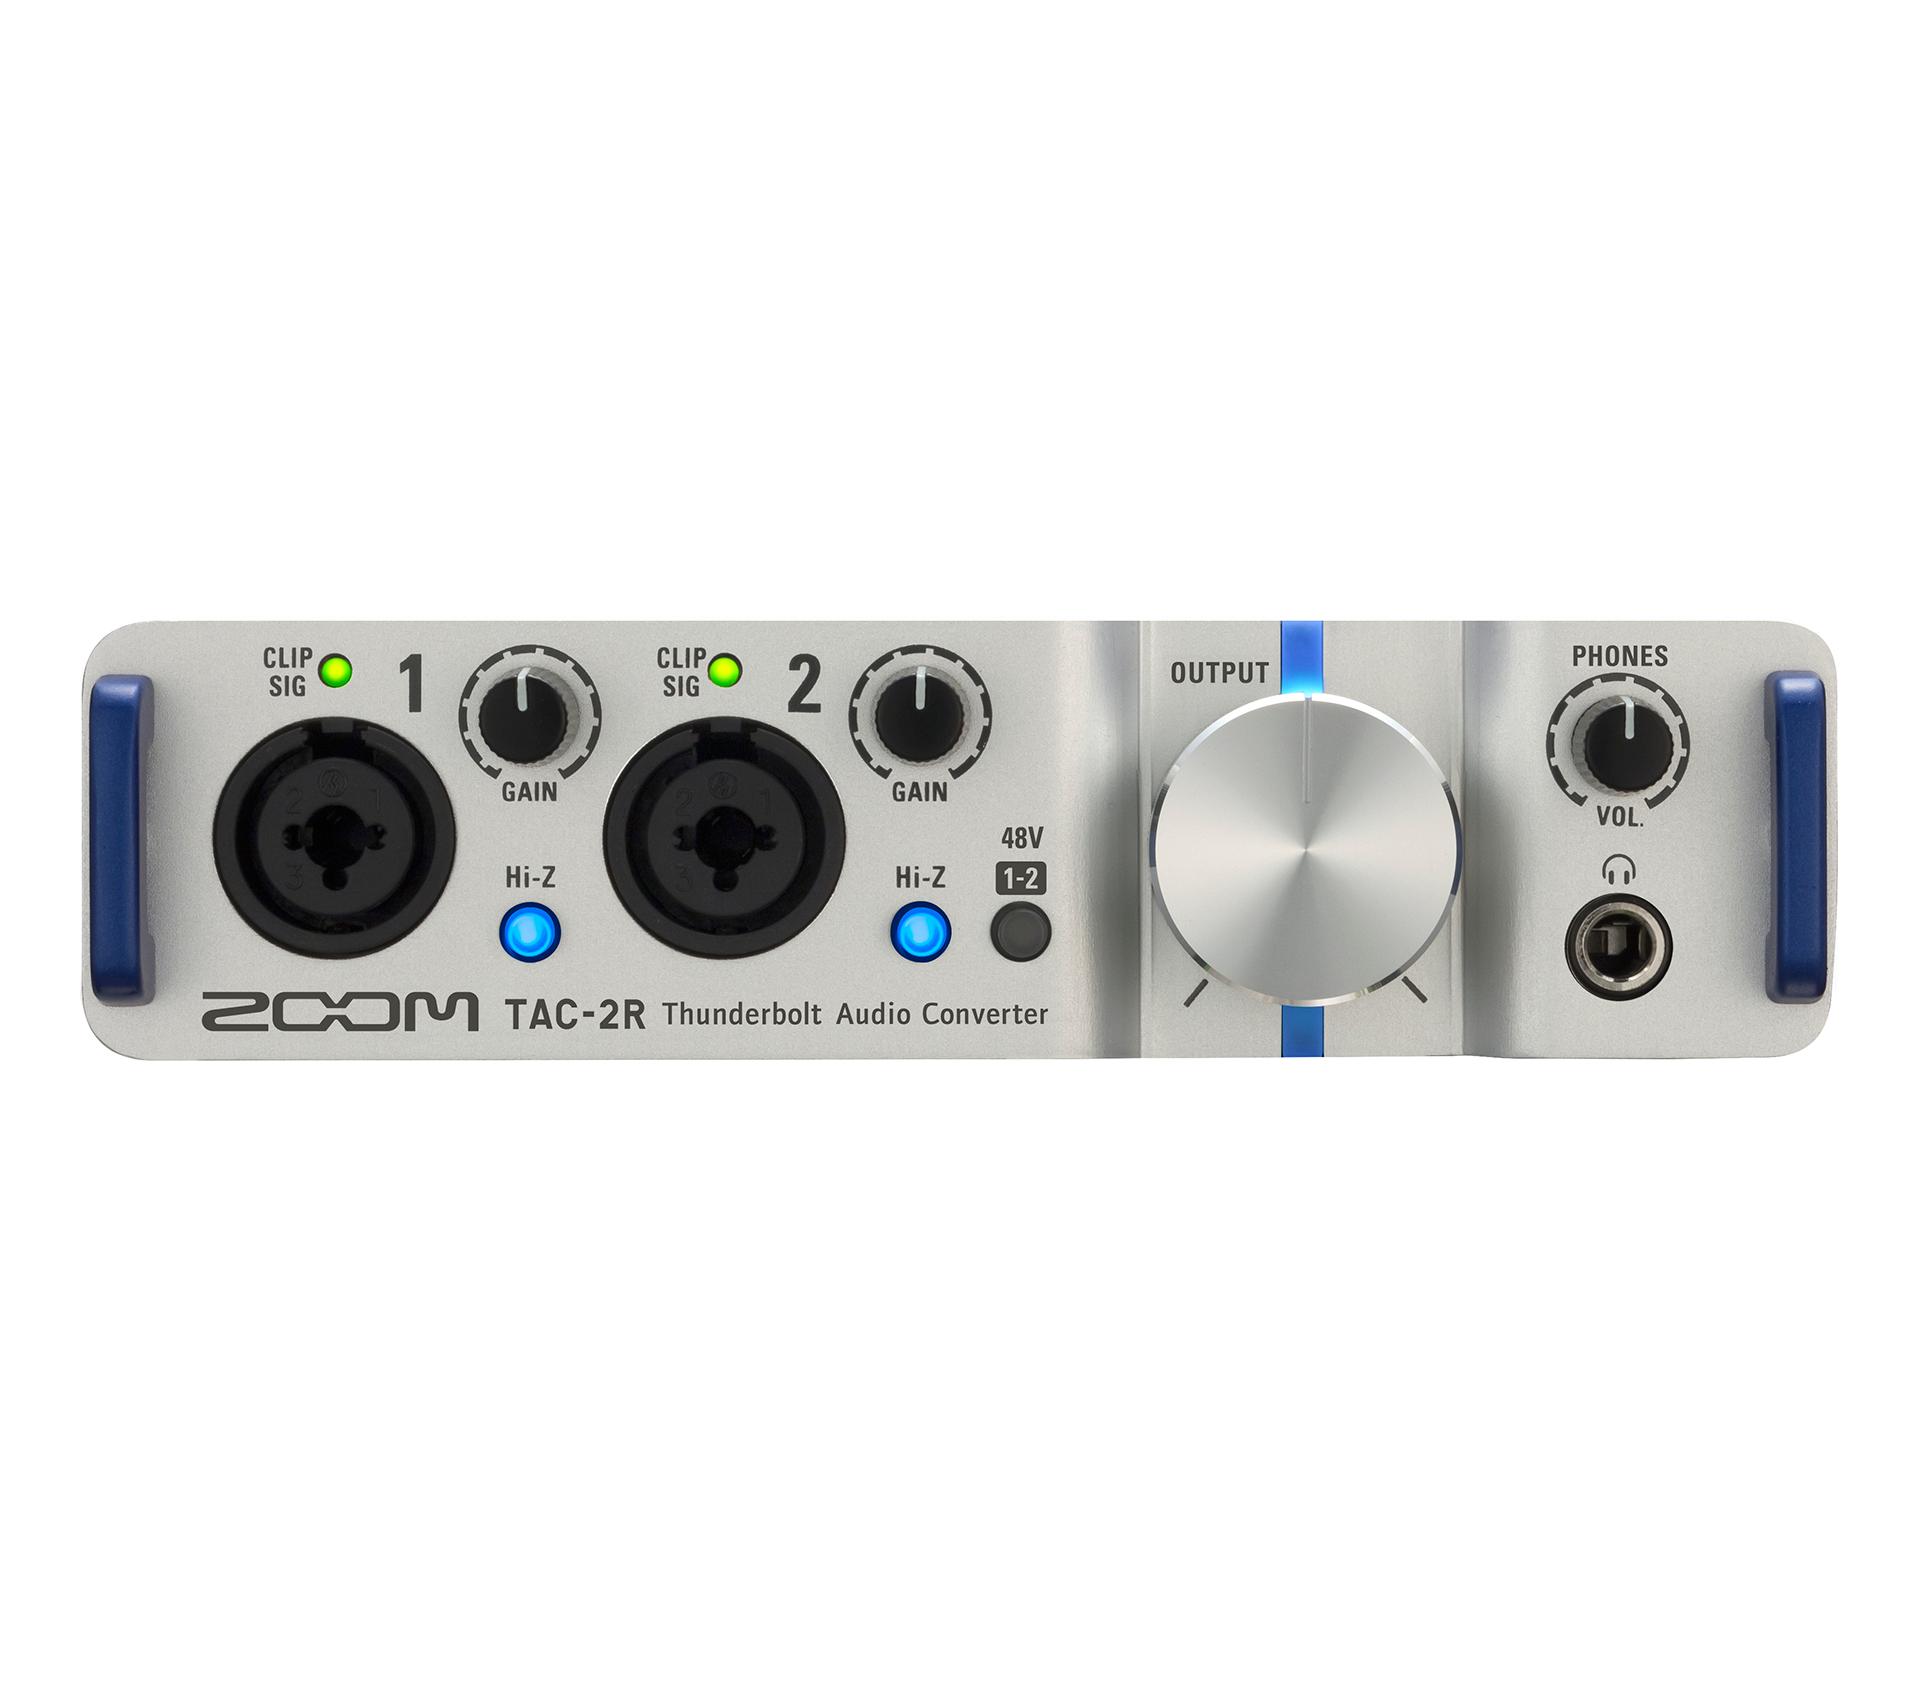 Changements de patchs MIDI pour Kemper - forum Zoom TAC-2R